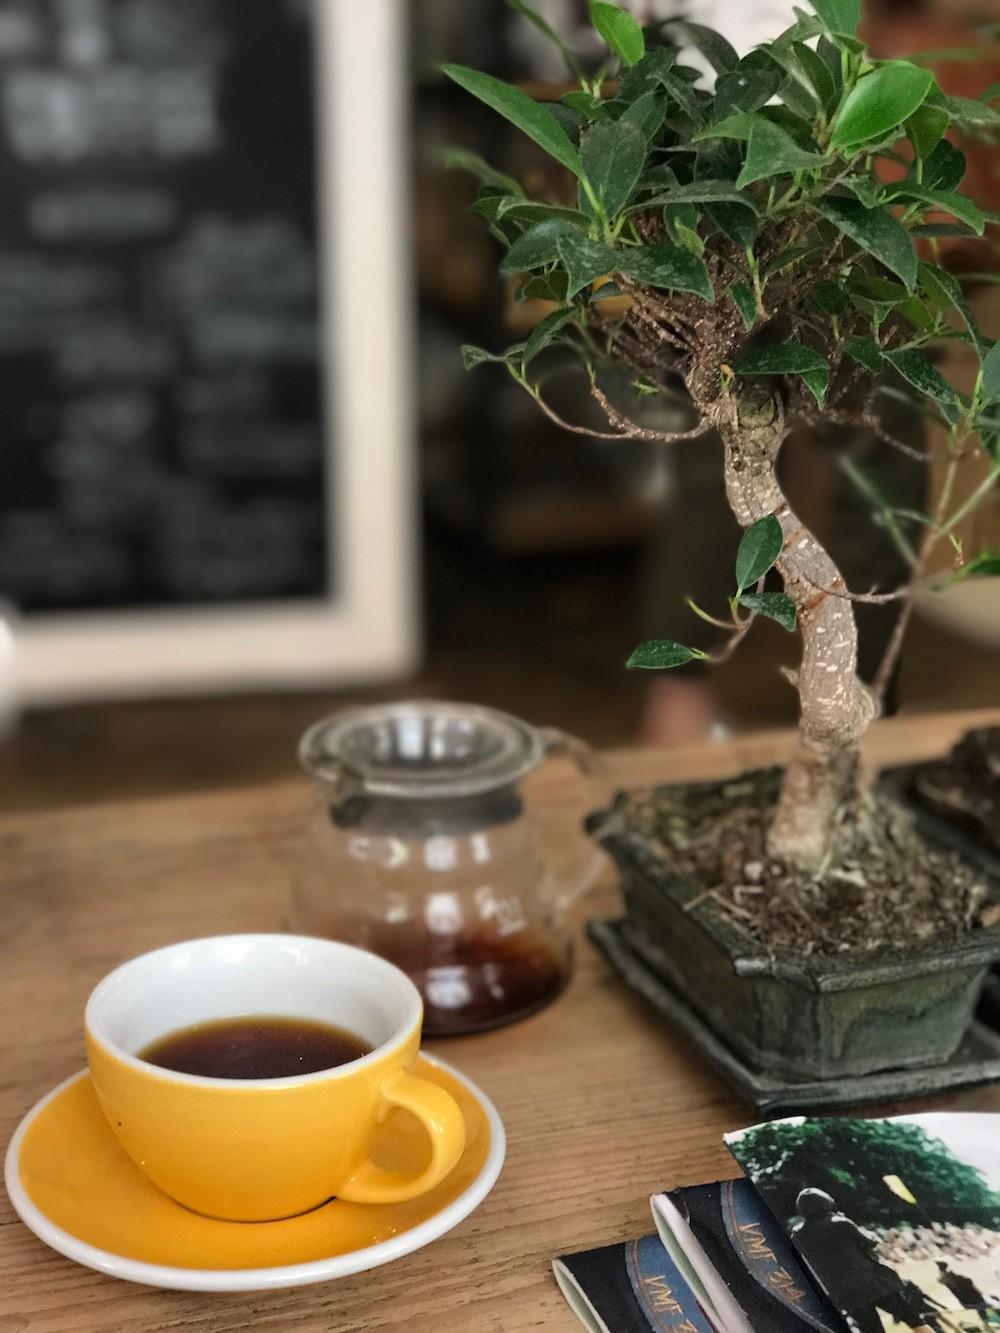 SIP CAFE BORDEAUX